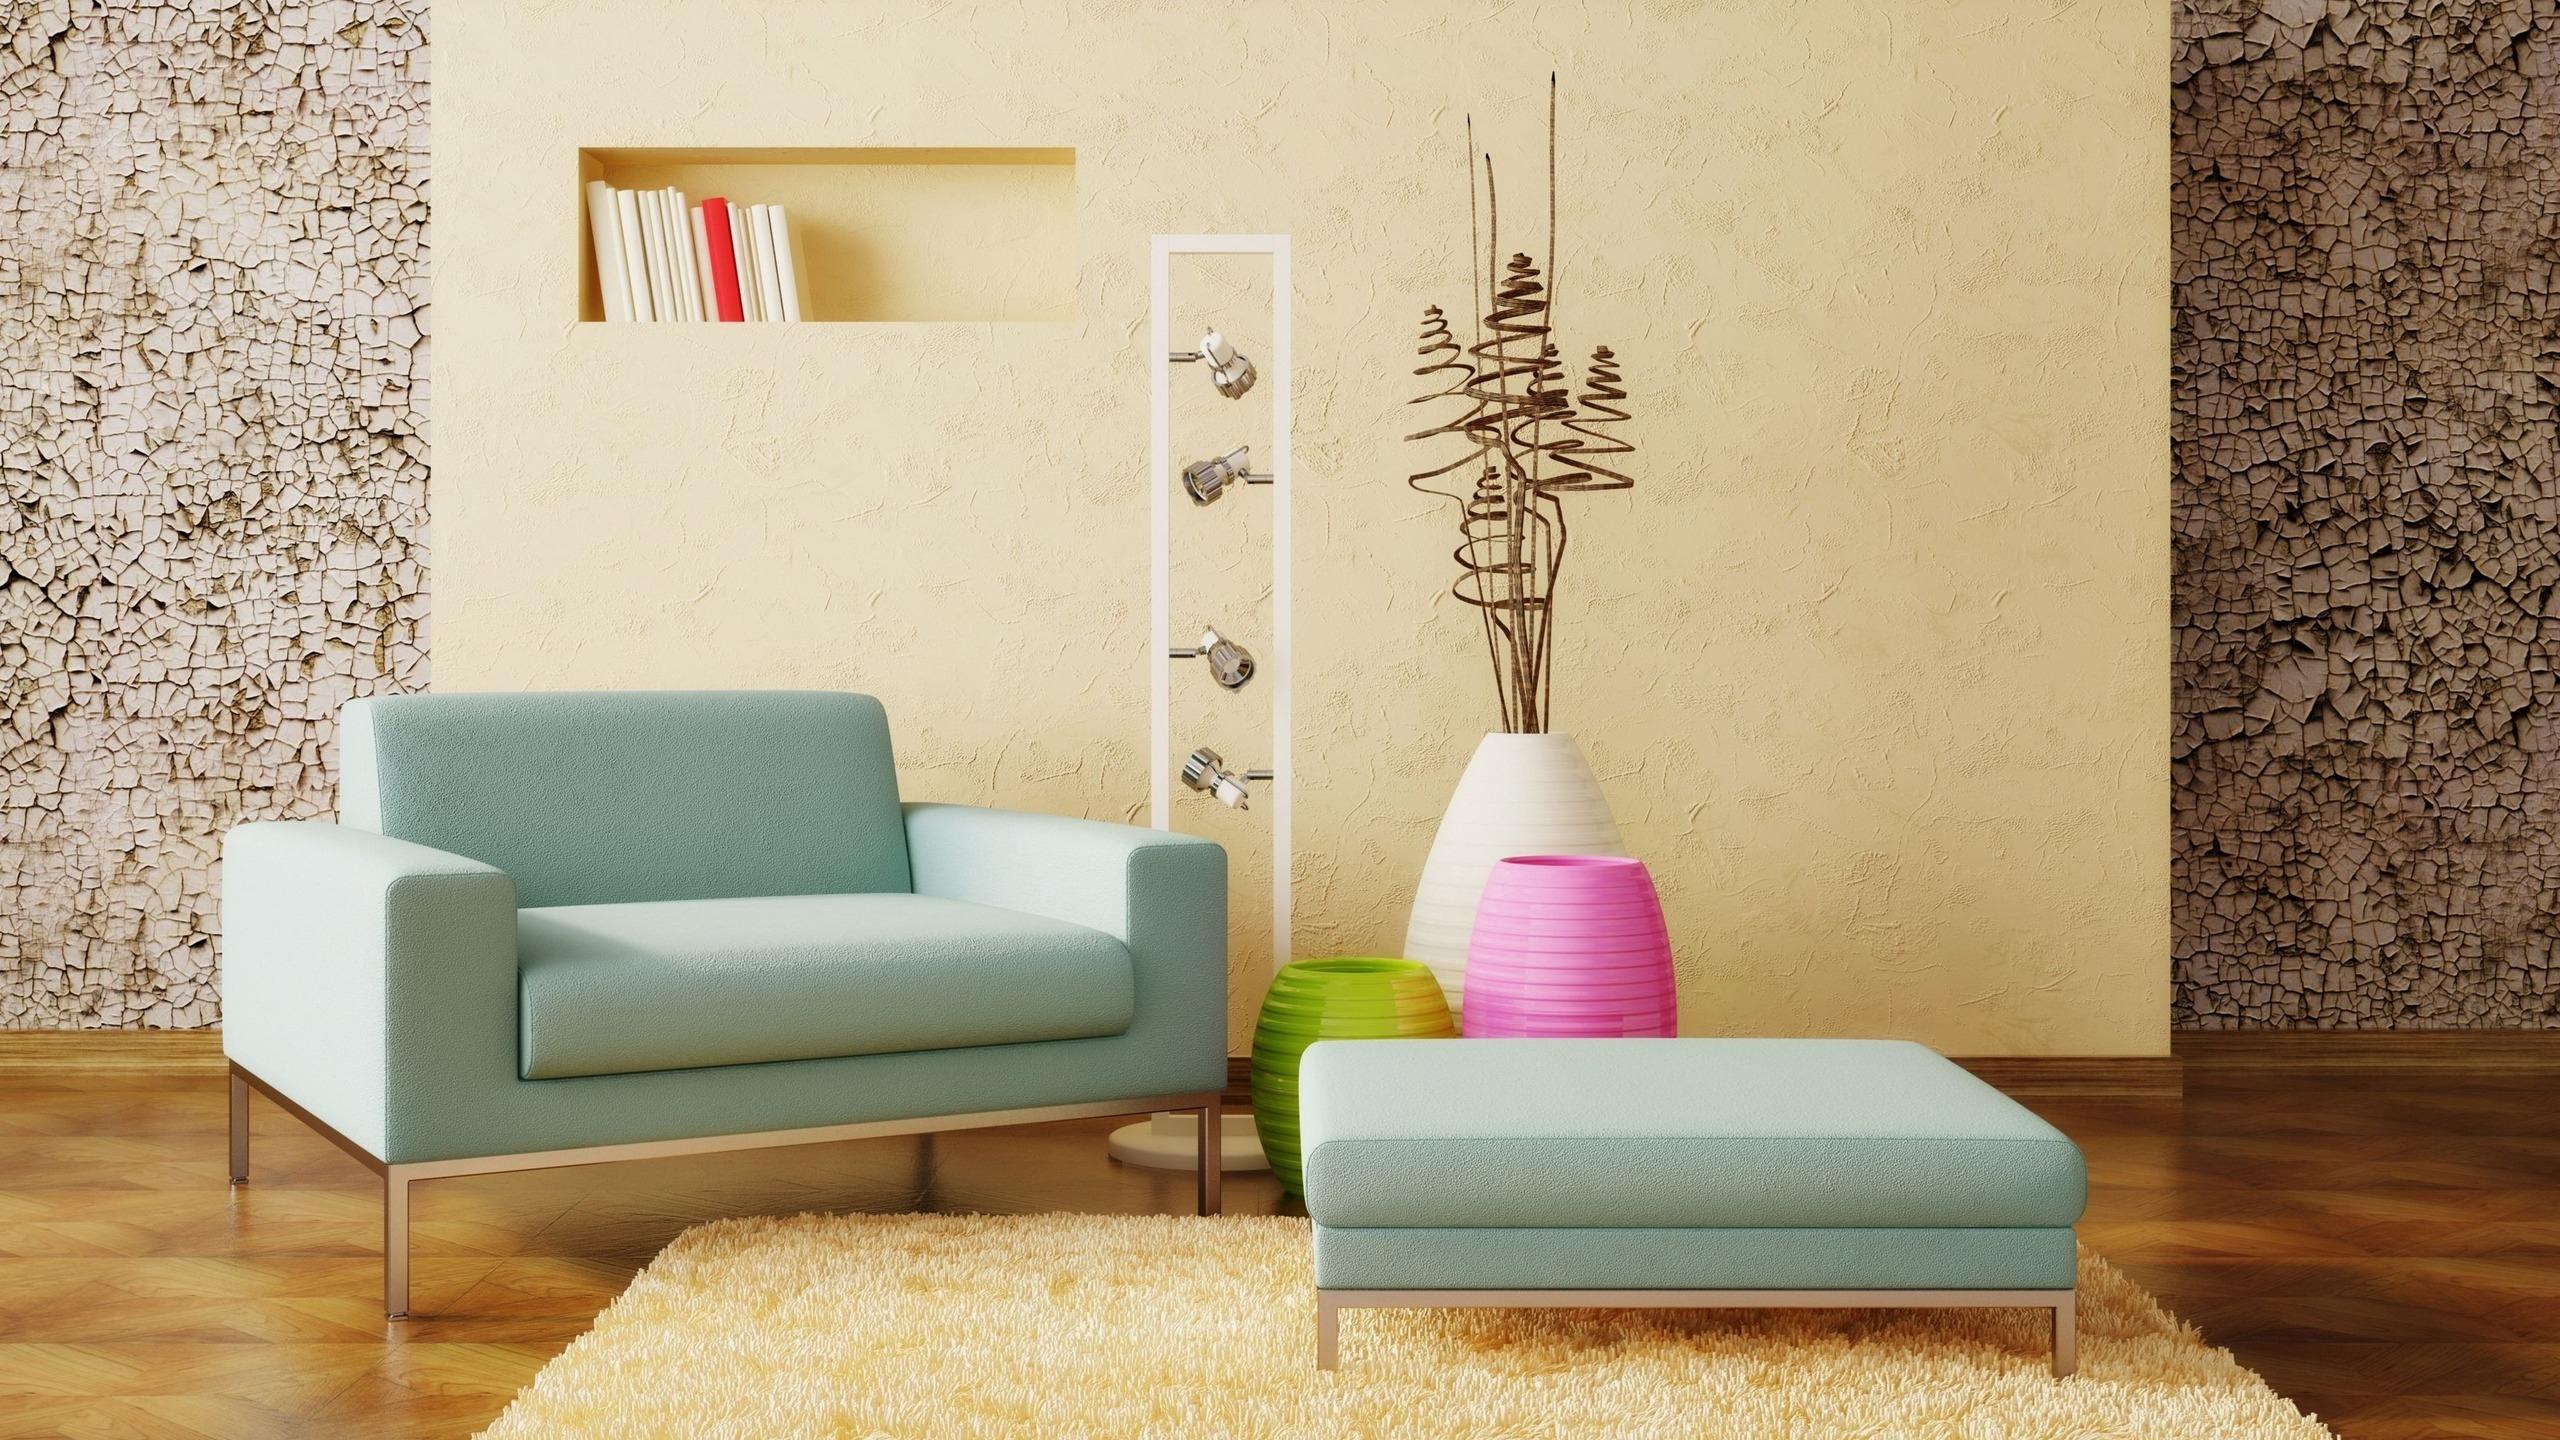 Harga Wallpaper dan Gambar Wallpaper Dinding   Harga Barang ...